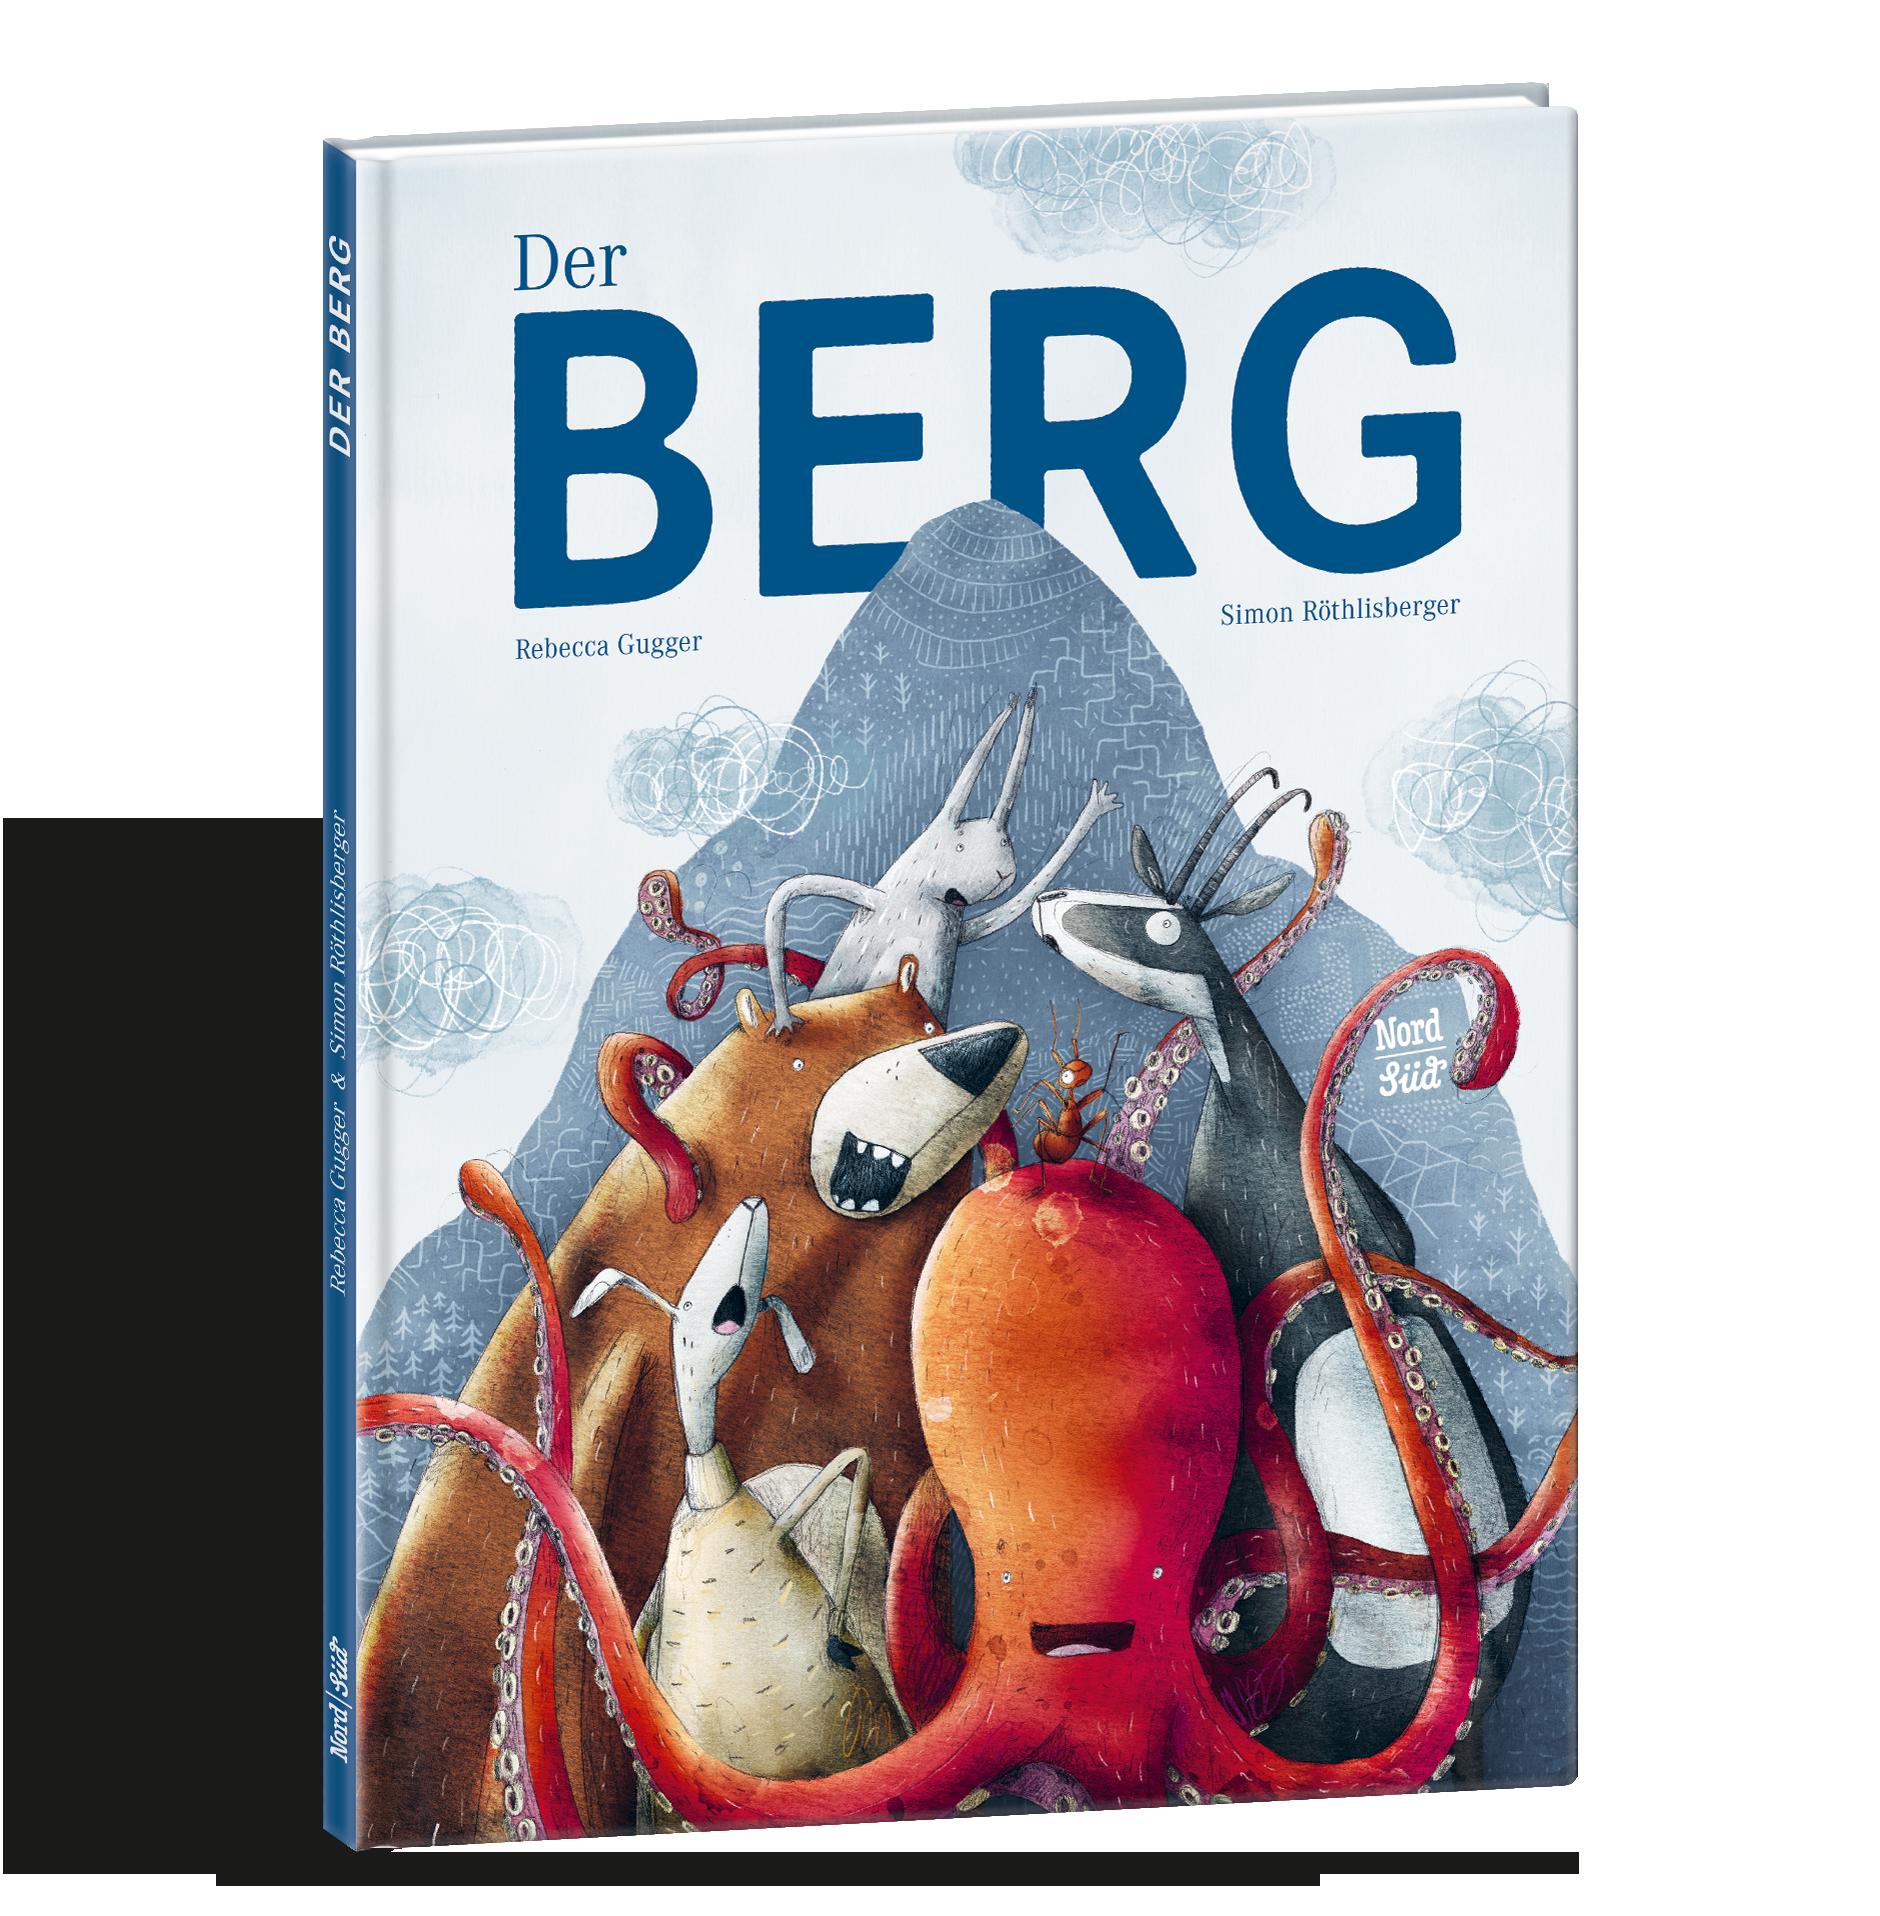 Rebecca Gugger, Simon Röthlisberger, vorlesen, Bilderbuch, Familie, Toleranz, Diversität, Schweiz